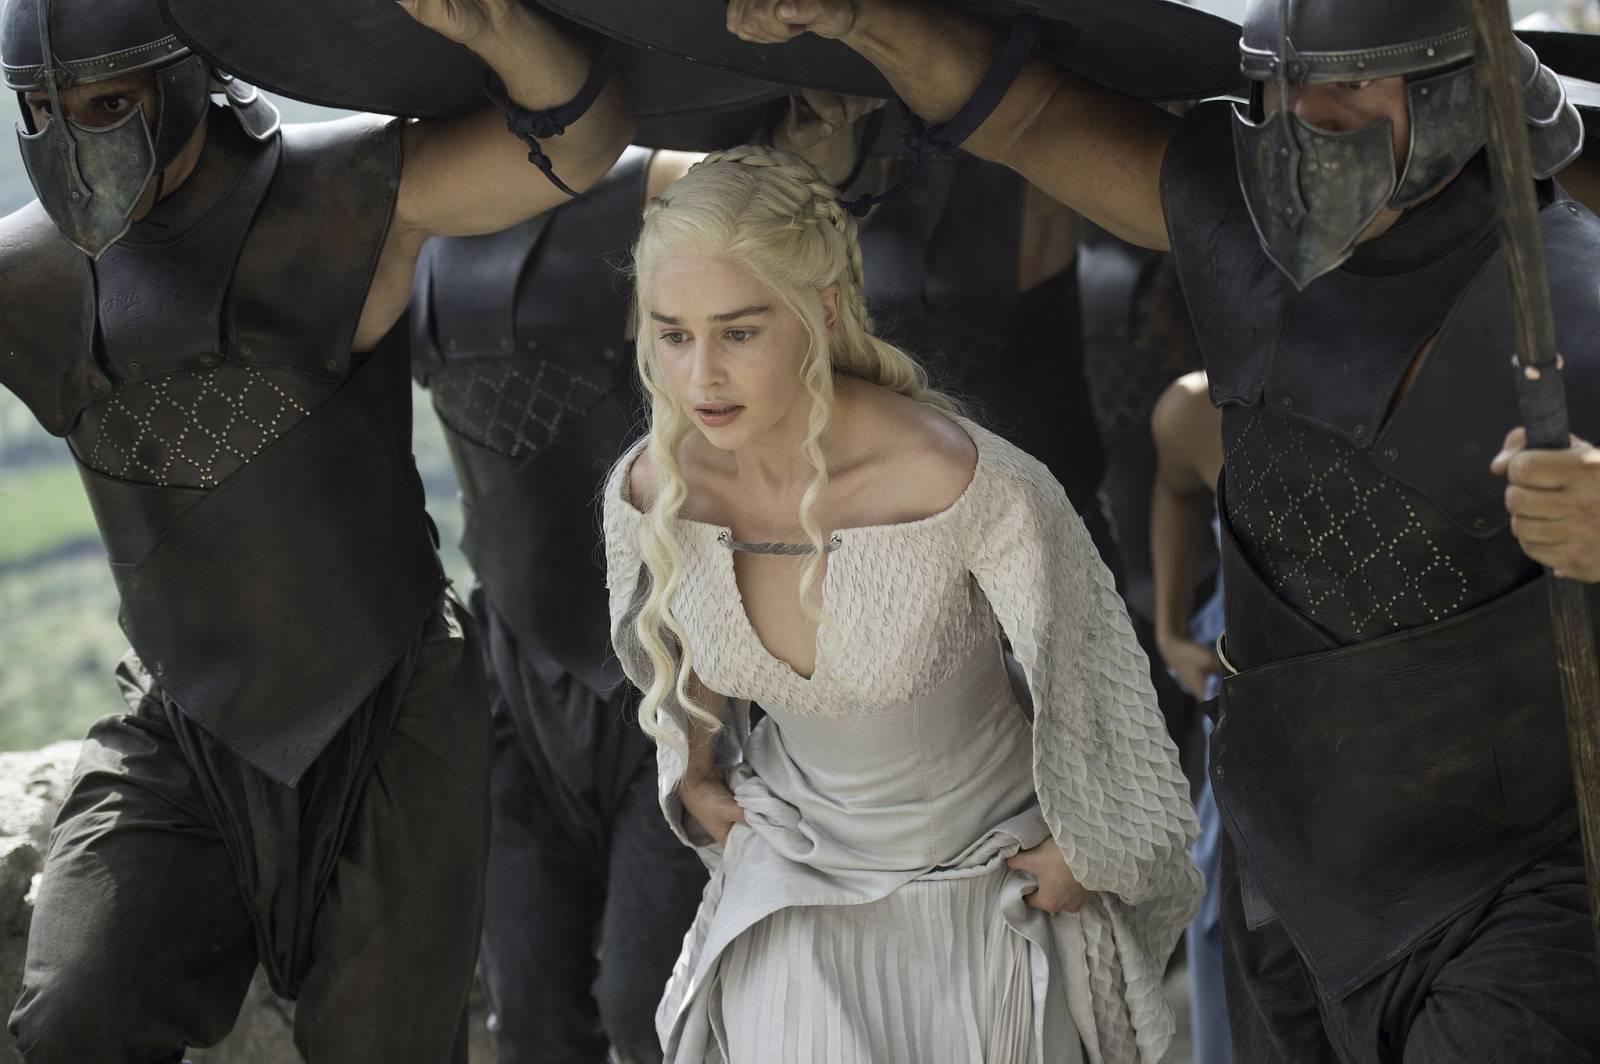 Fenomén Hra o trůny: TOP 10 nejlepších coververzí skladeb ze seriálu, přispěli Sigur Rós i Lindsey Stirling